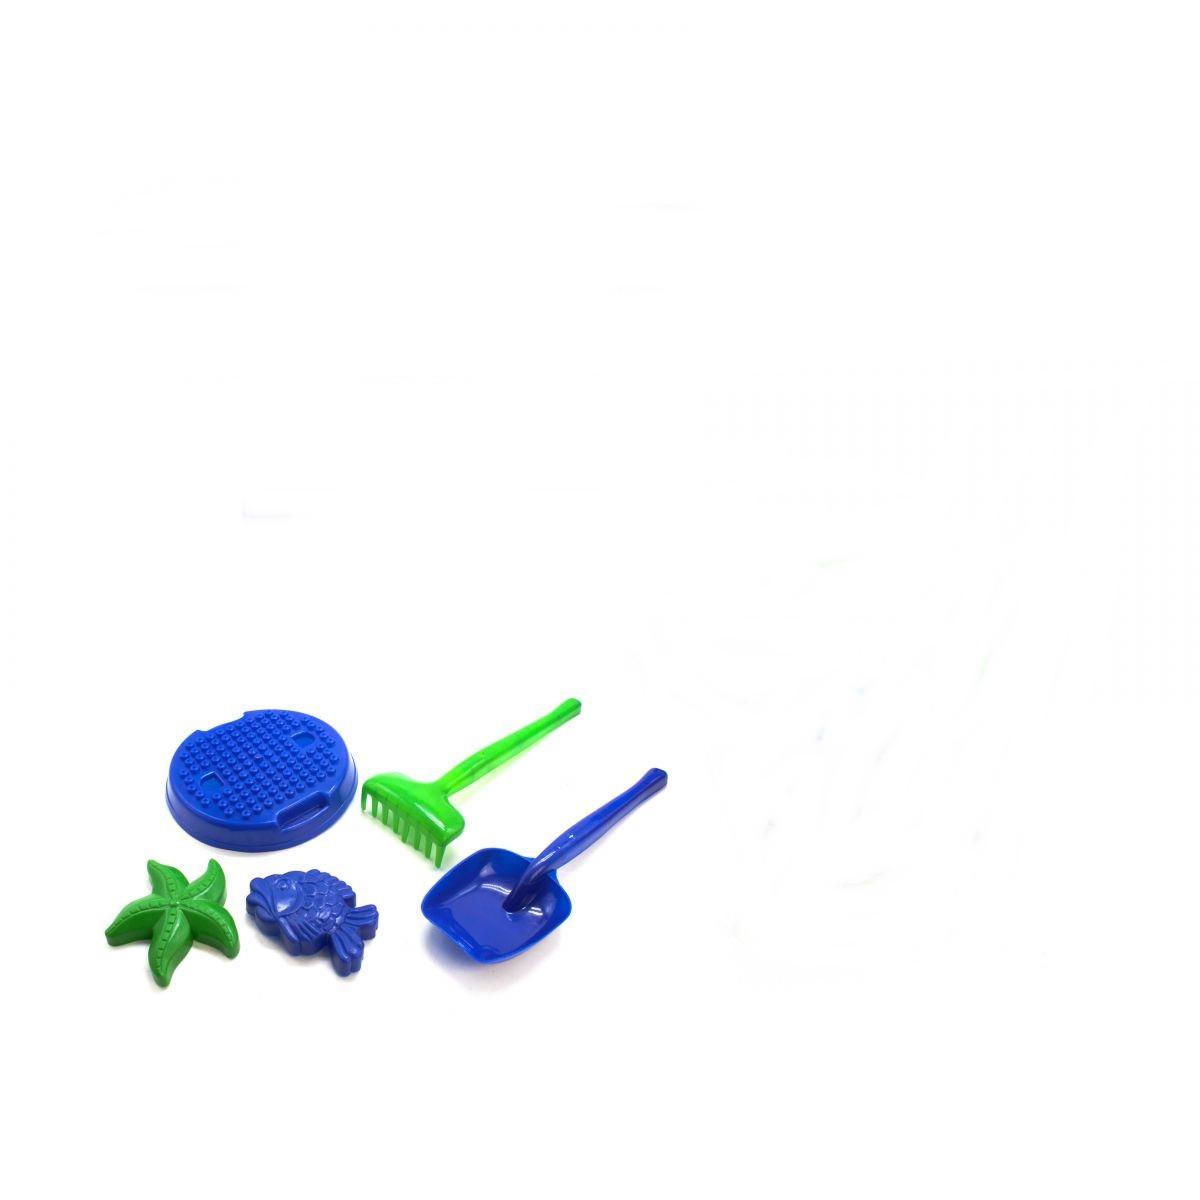 Песочный набор - лопата, грабли, ситечко и пасочки   MAX GROUP